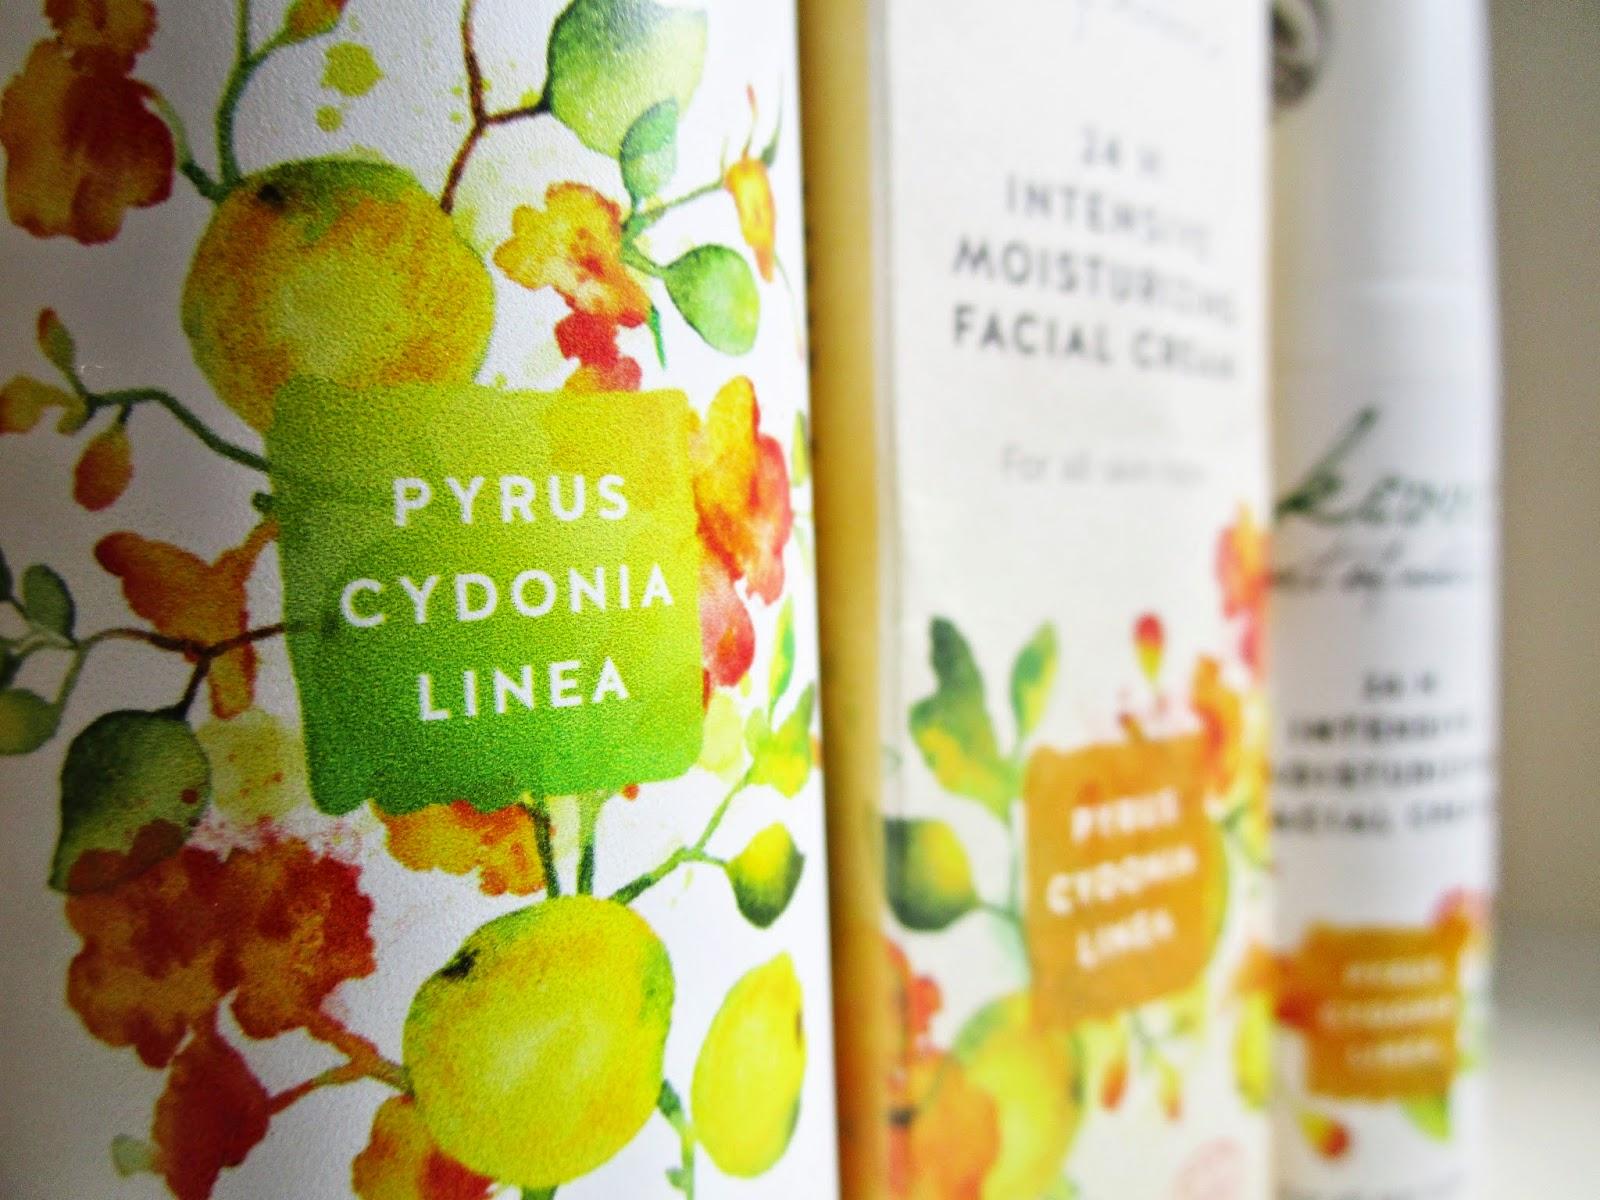 Tónico Facial Hidratante y la Crema Hidratante Intensiva 24H de la línea Pyrus Cydonia de KIVVI COSMETICS